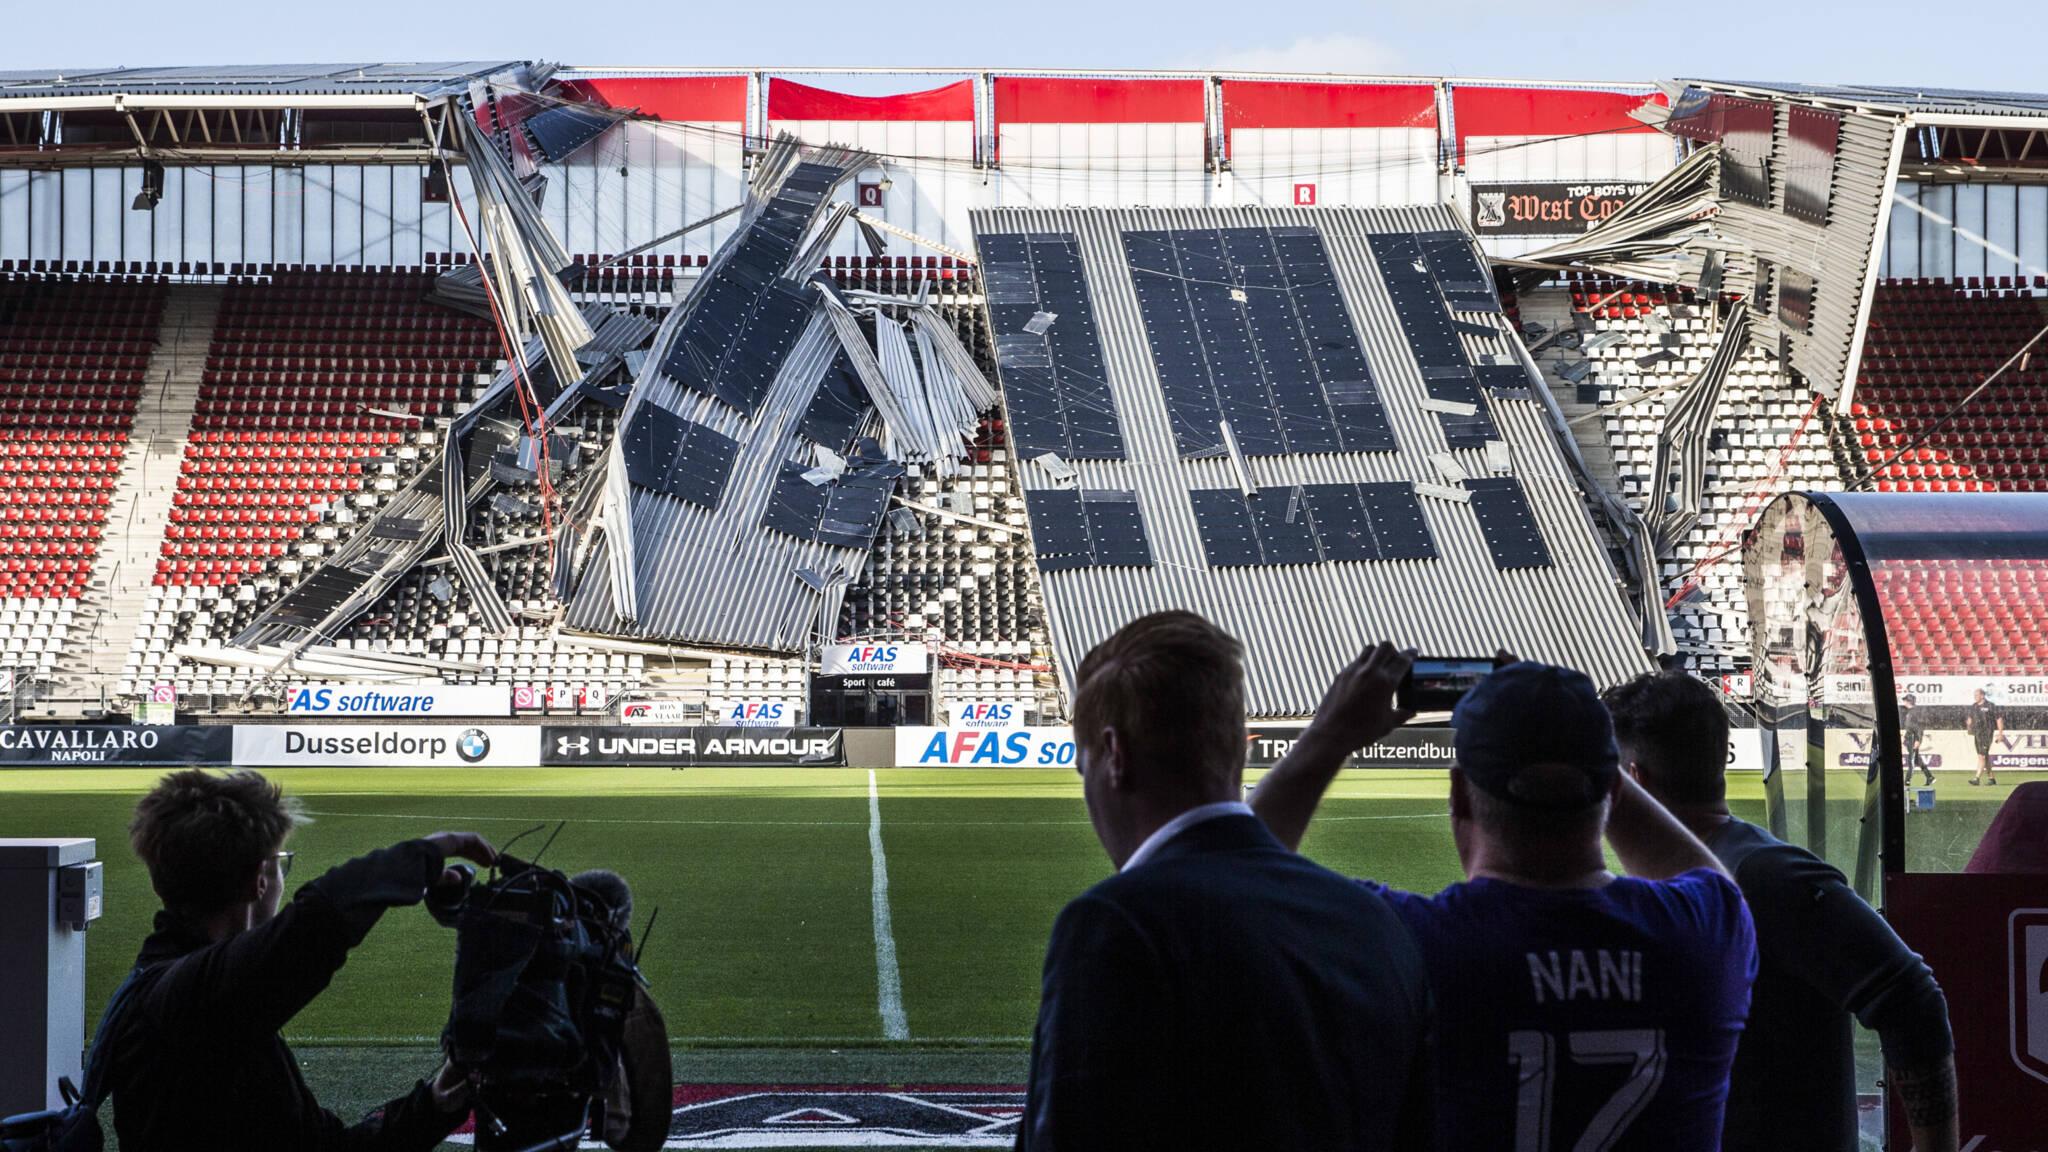 В Нидерландах обрушилась крыша на стадионе, где должен был играть украинский клуб